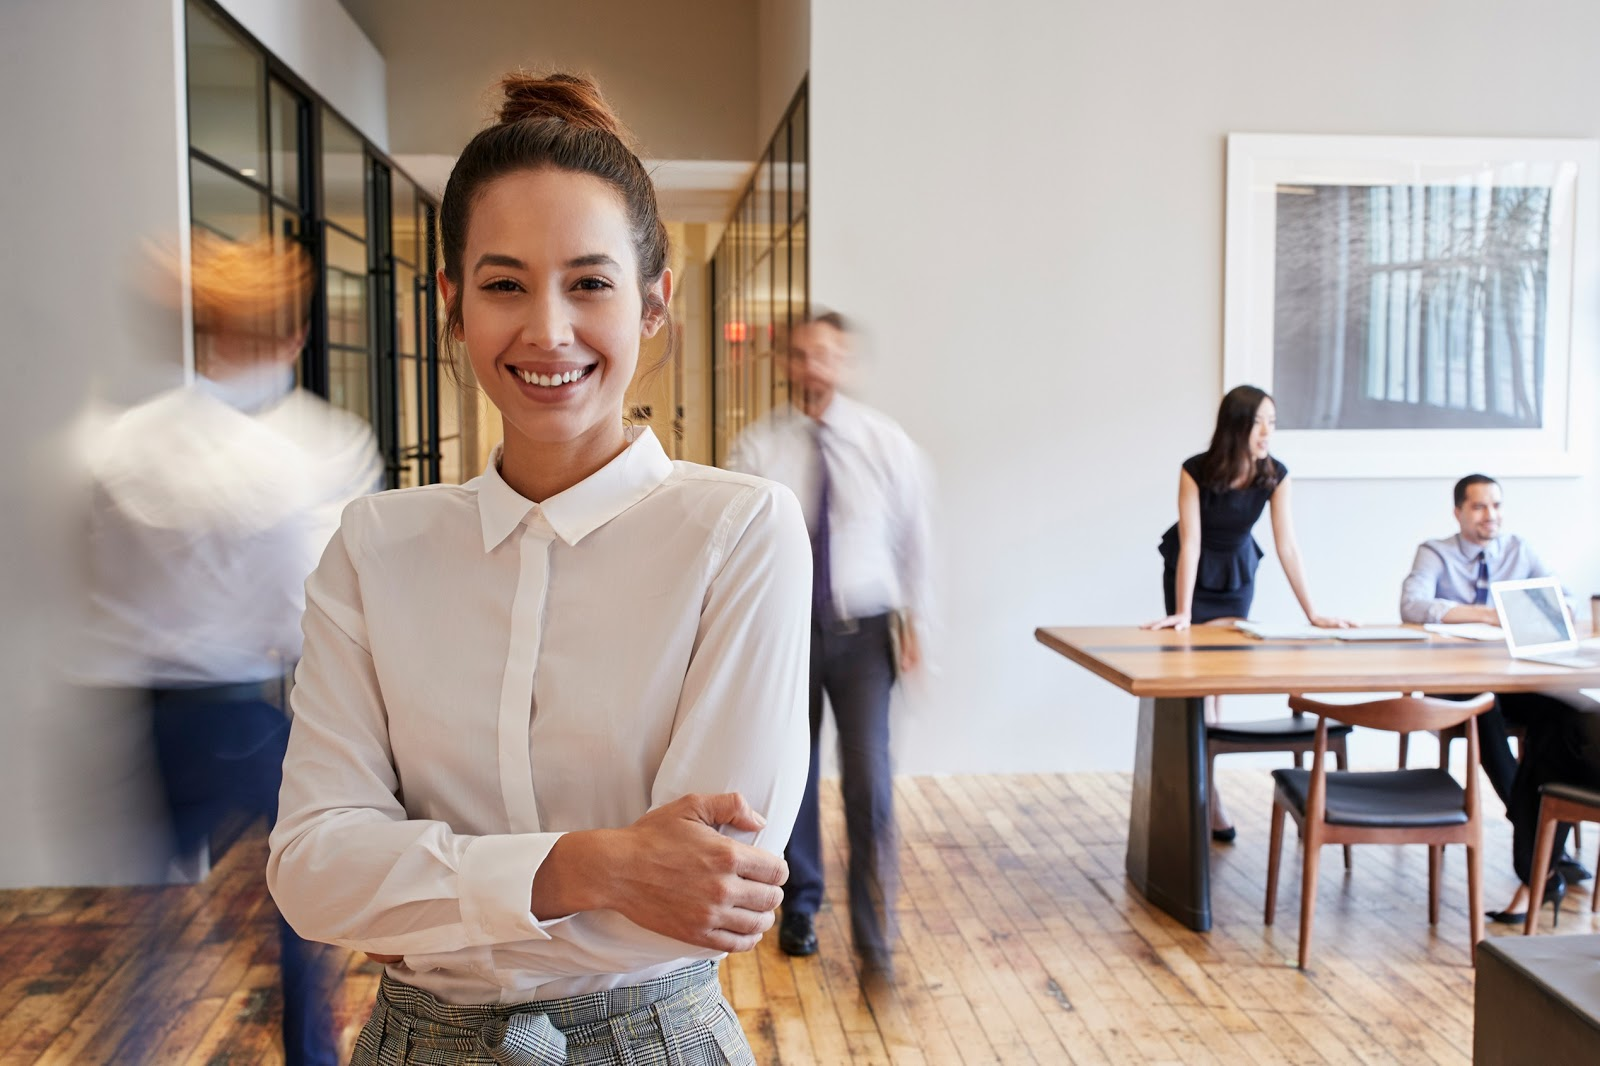 Không phải sự nghiệp lẫy lừng, phụ nữ sở hữu đủ 4 đặc quyền này mới là người thành công - Ảnh 2.